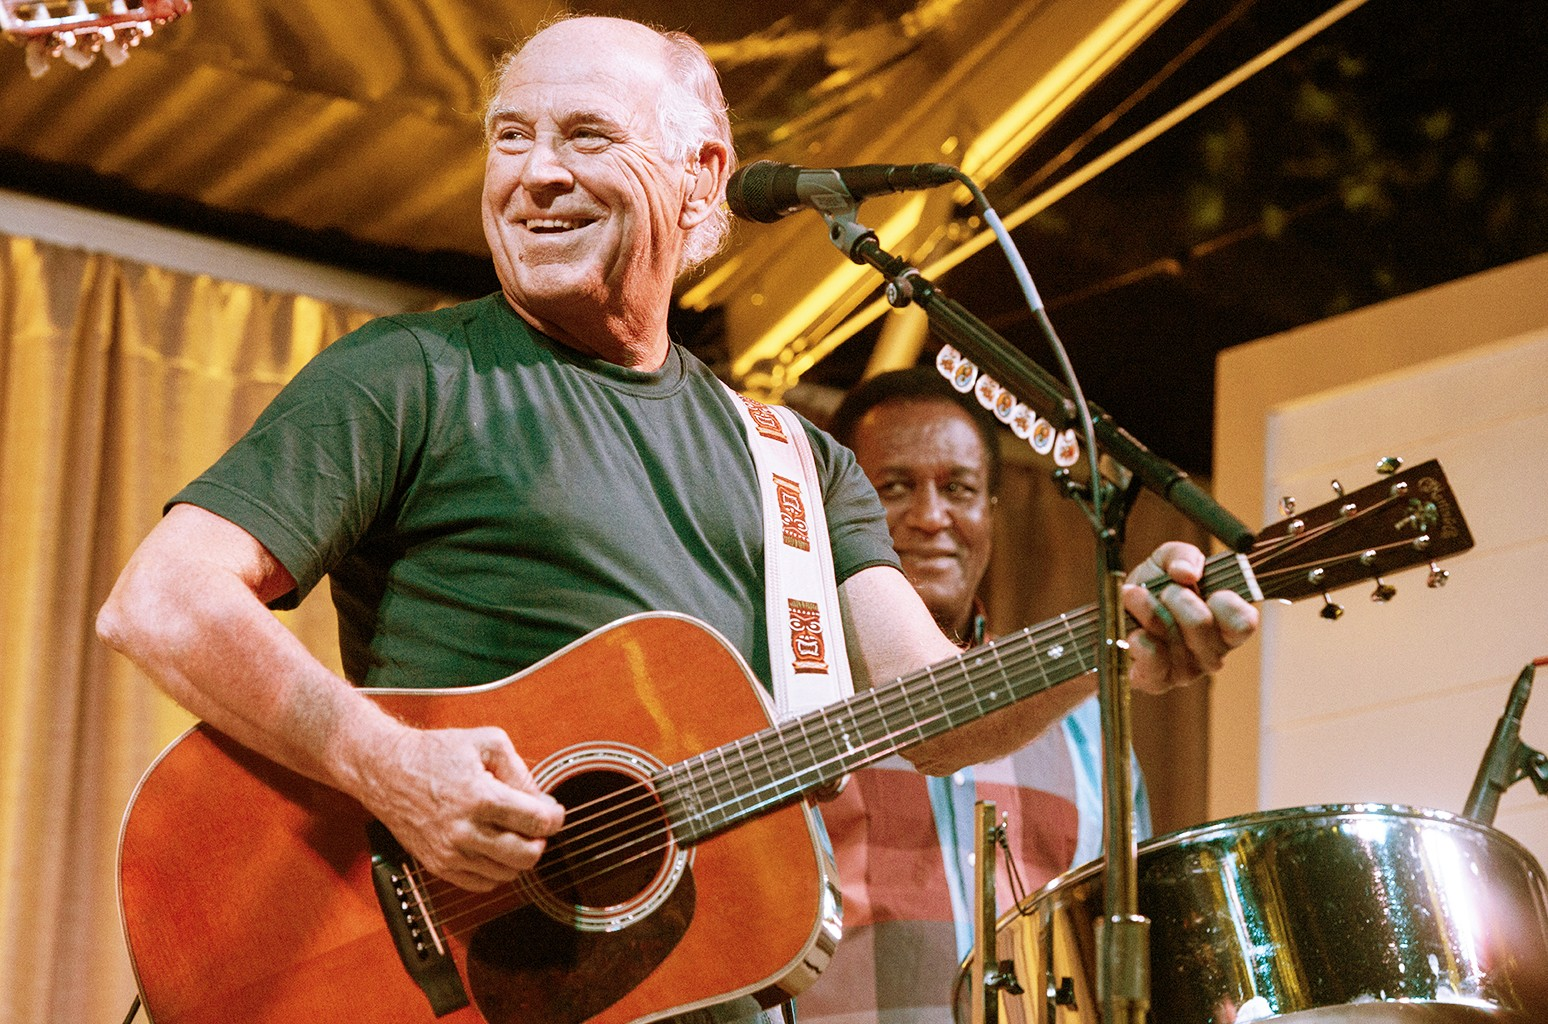 Jimmy Buffett performs in 2016